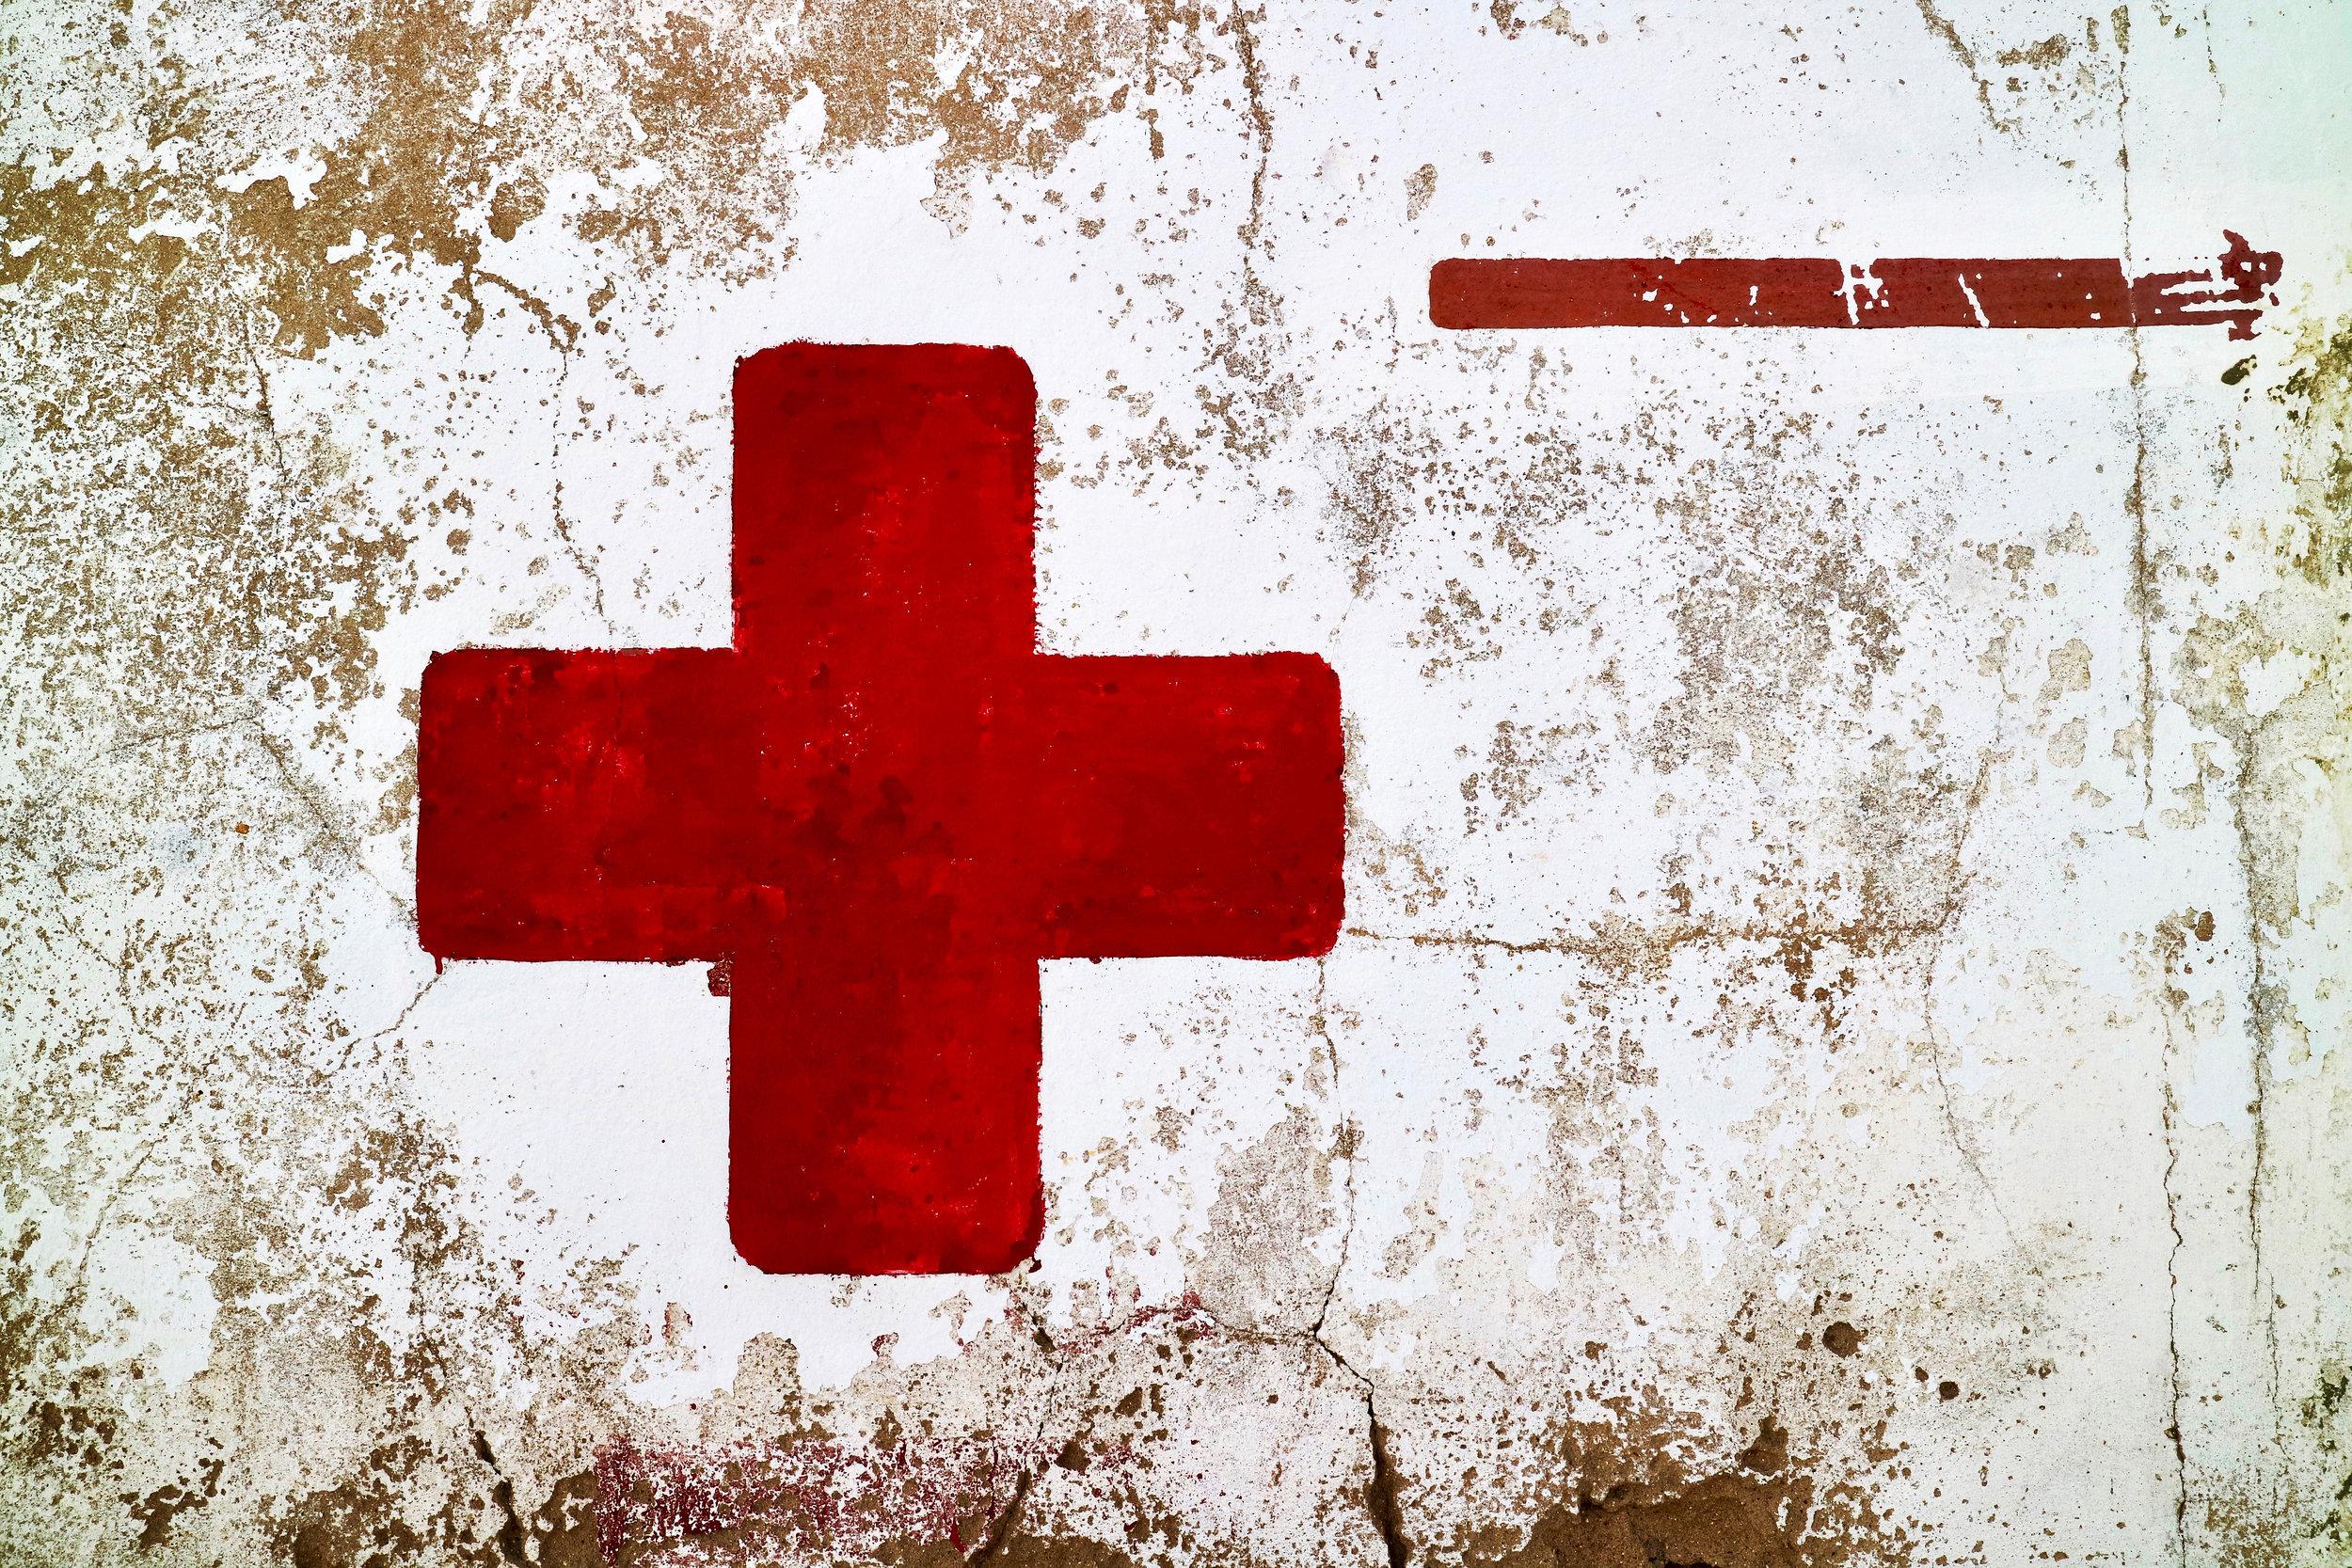 cruz roja sobre pared  sancti petri / andalucía